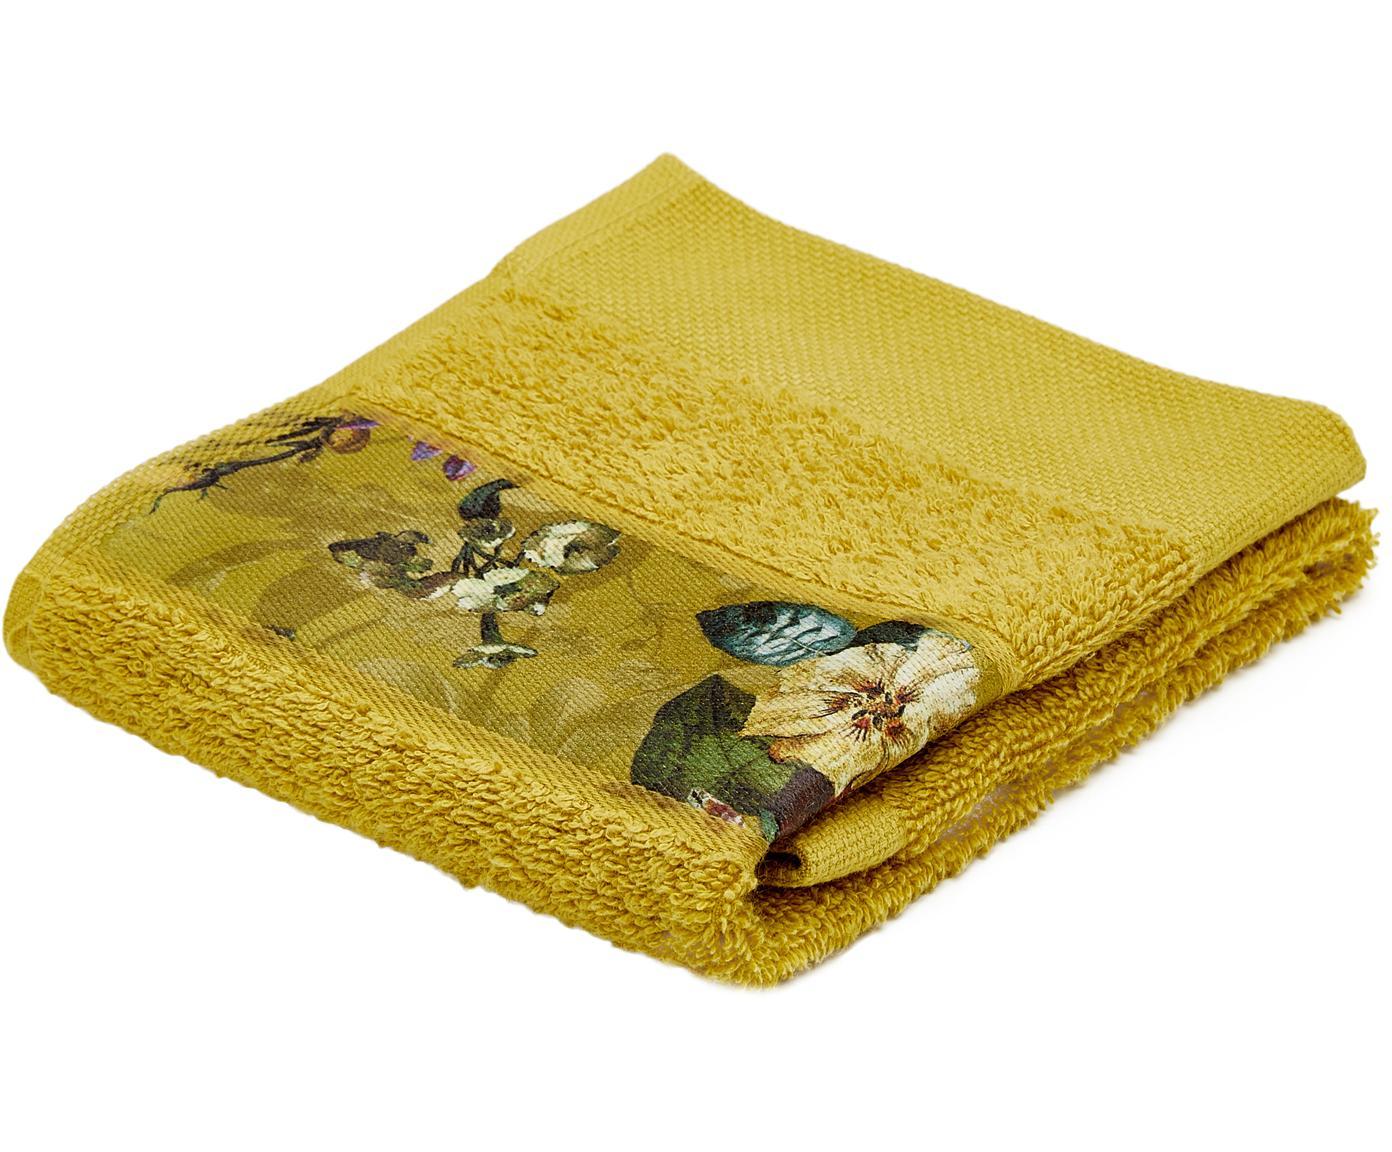 Handtuch Fleur mit Blumen-Bordüre, 97% Baumwolle, 3% Polyester, Senfgelb, Mehrfarbig, Gästehandtuch